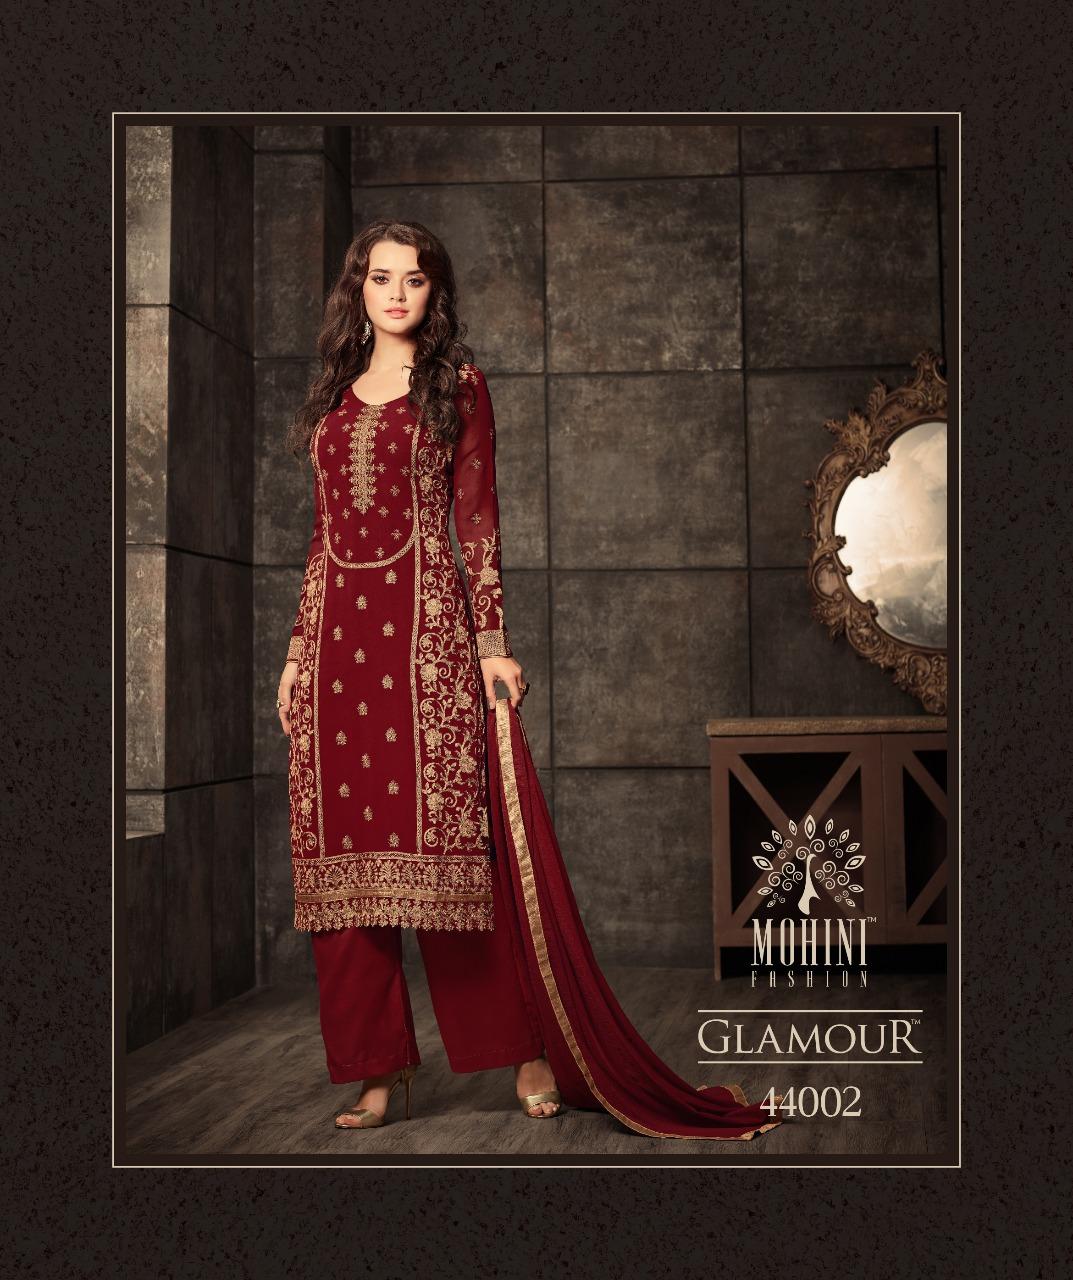 Mohini Fashion Glamour 44002B